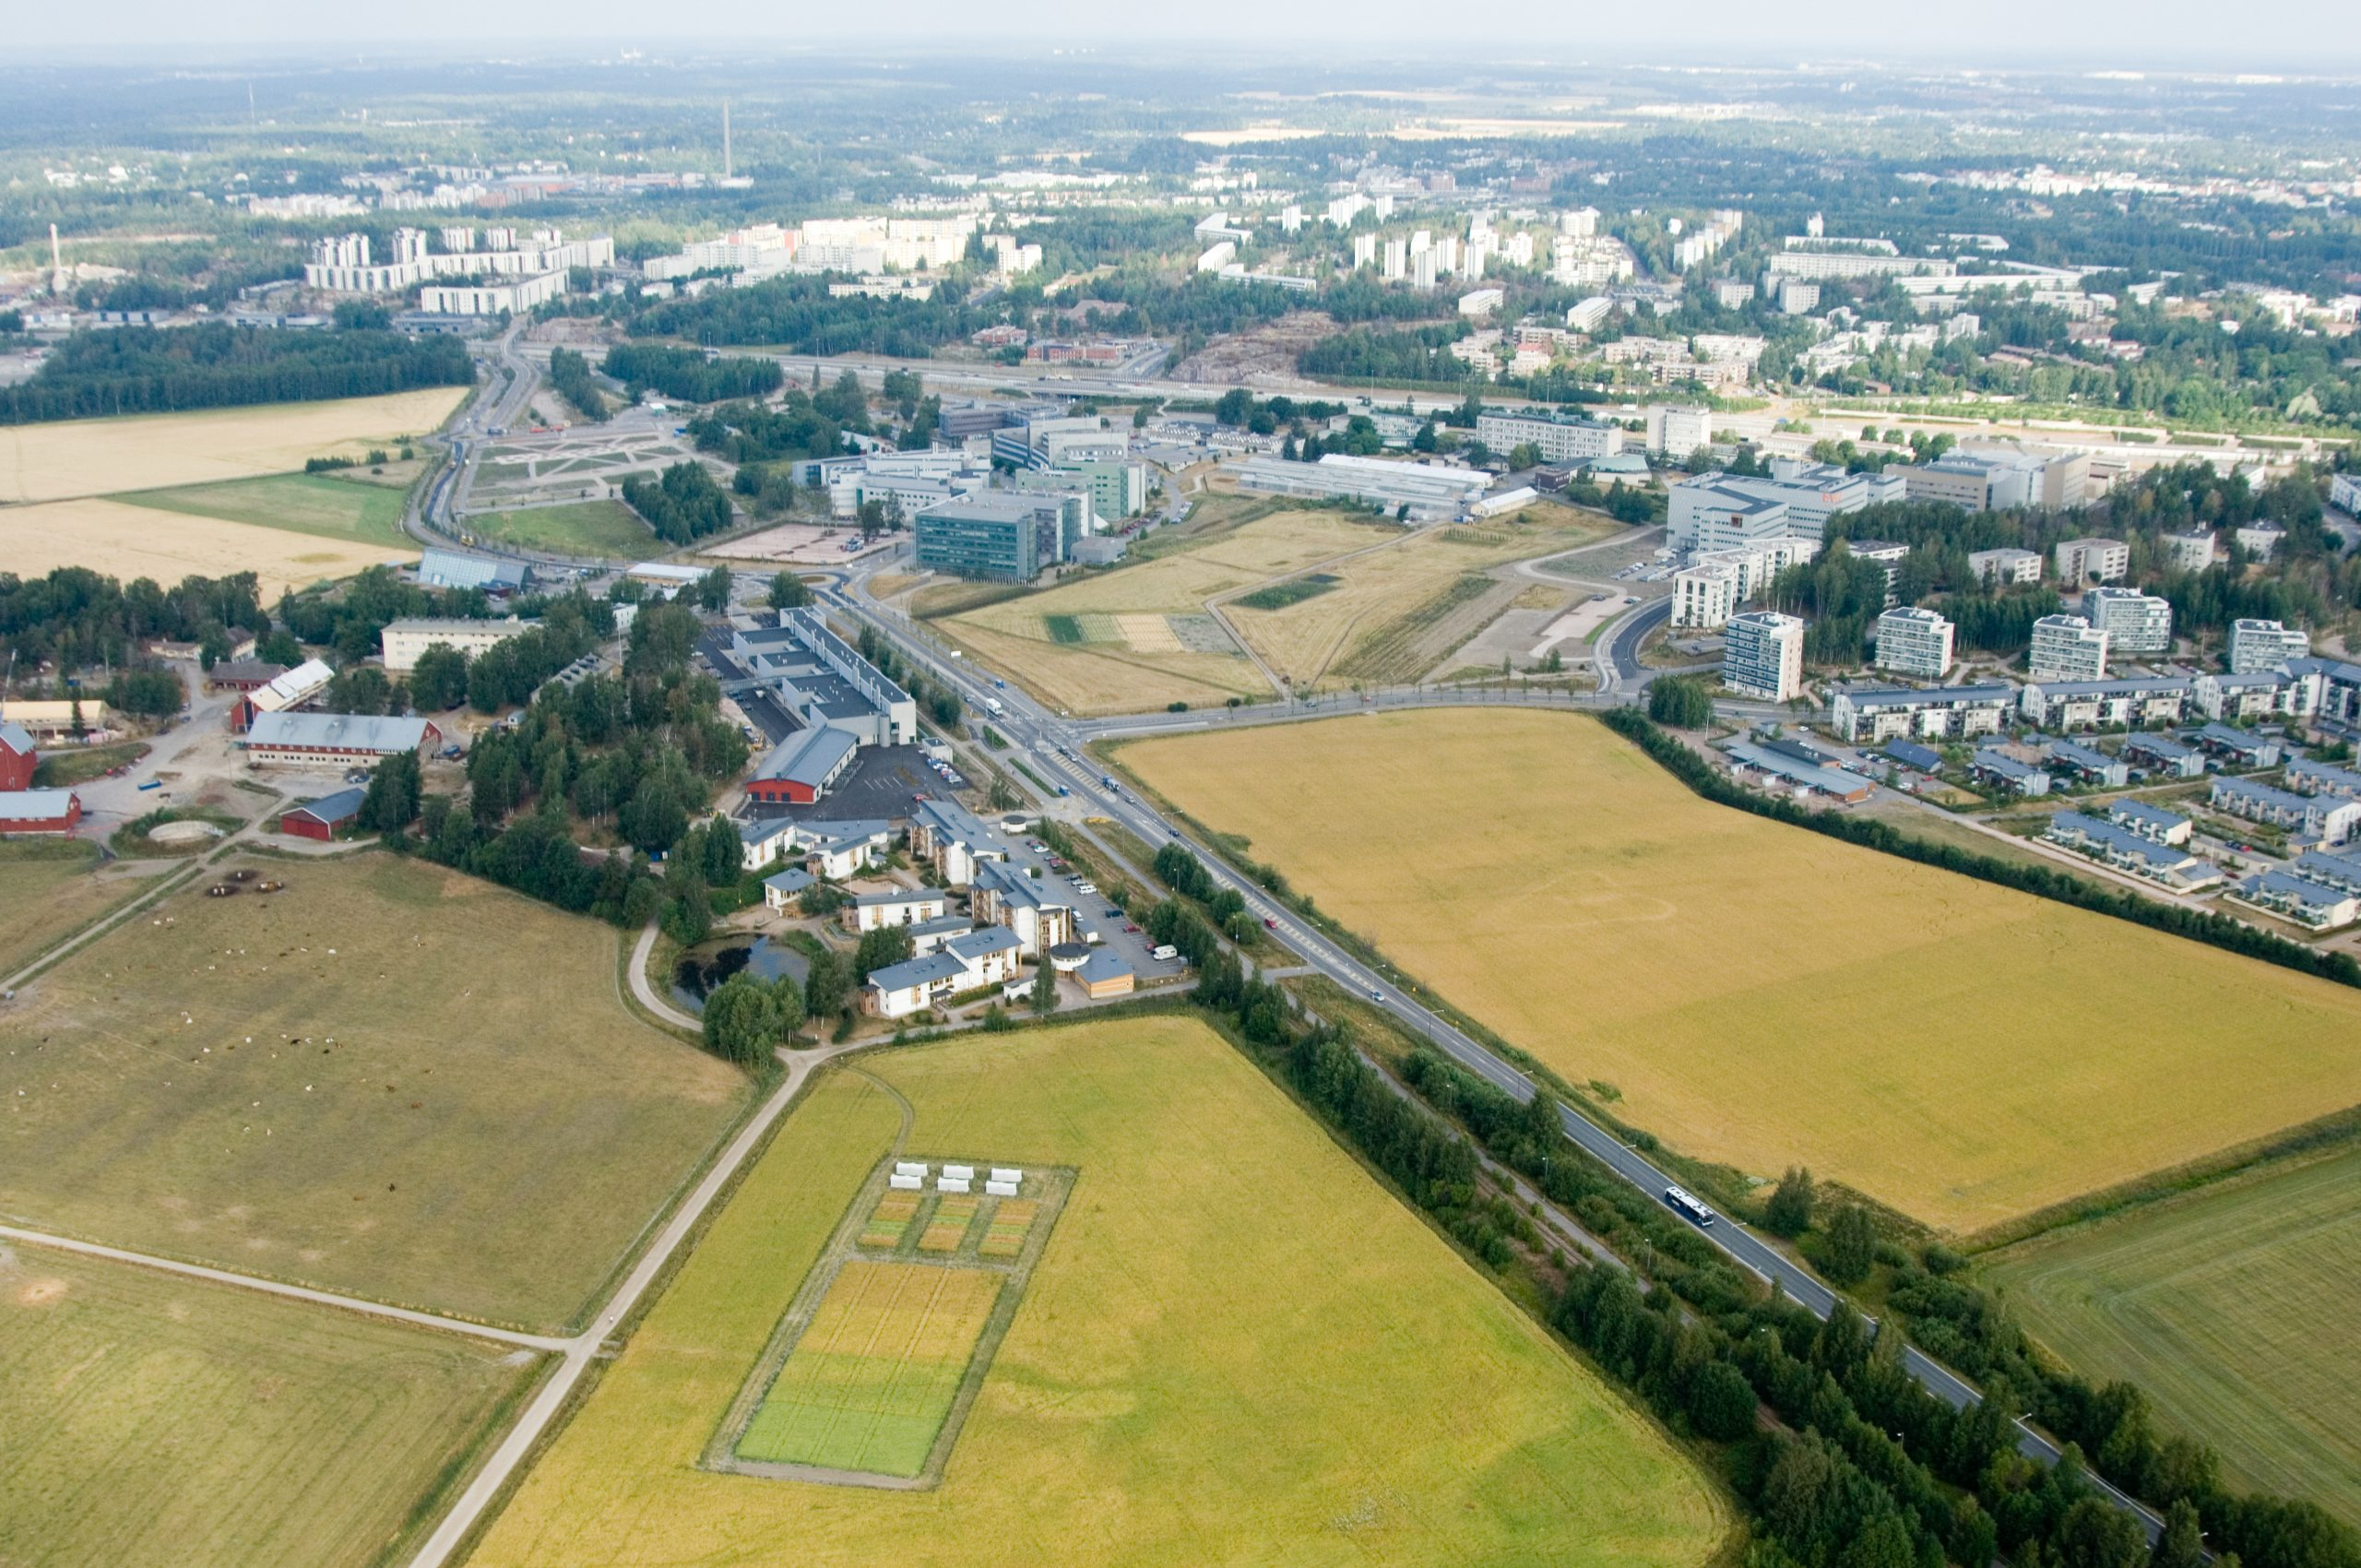 maisemakuva, jossa maaseutu- ja peltonäkymä on lähellä kaupunkia